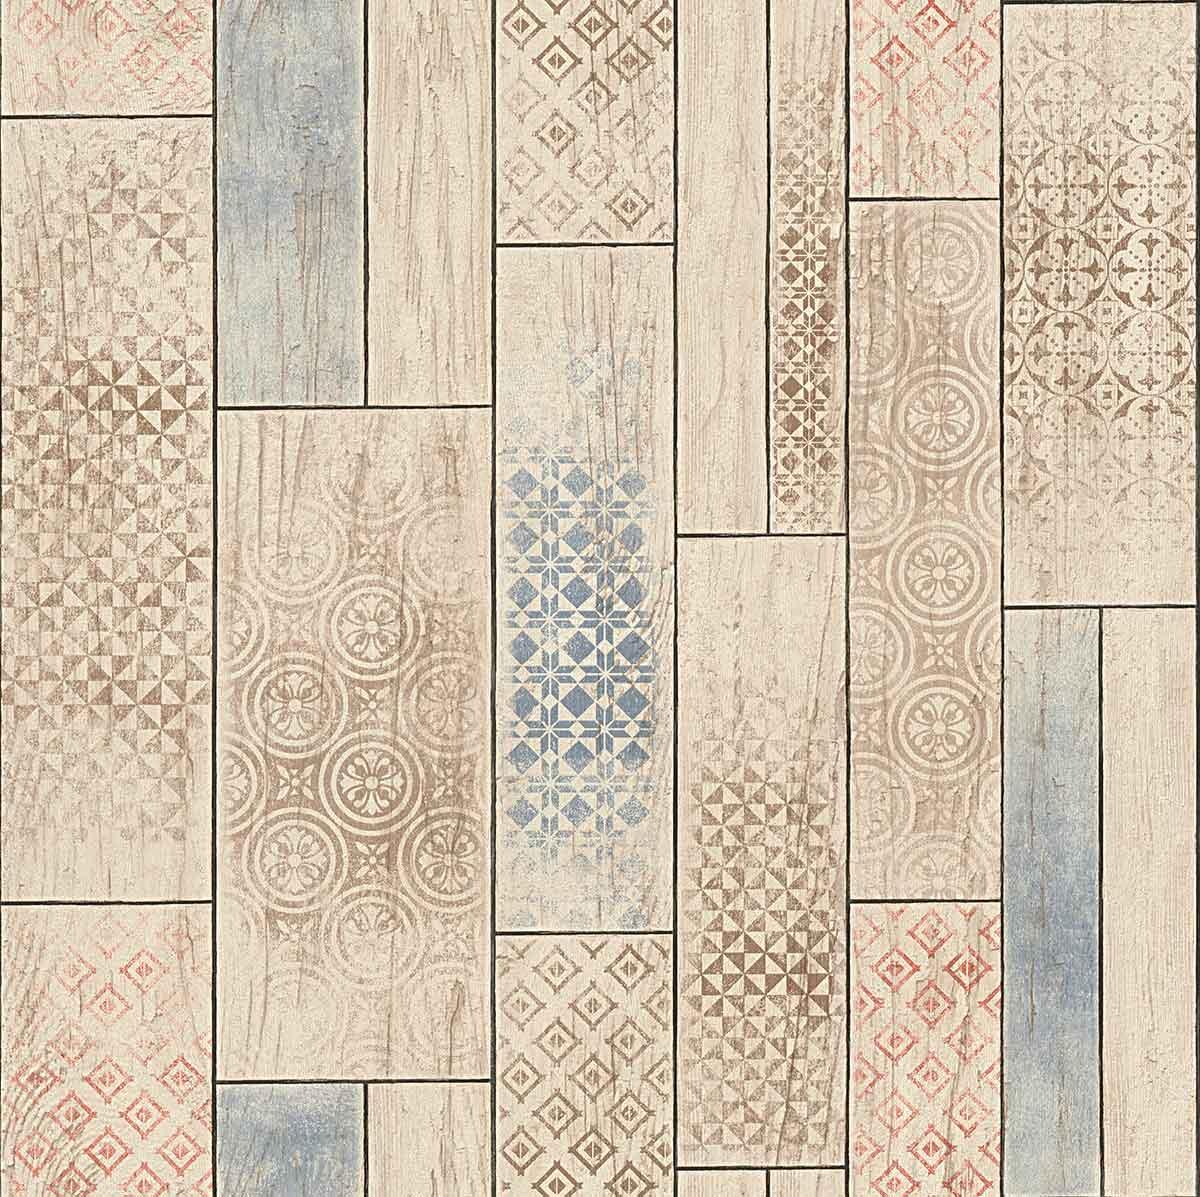 papier peint imitation lambris motifs azuleros rouge. Black Bedroom Furniture Sets. Home Design Ideas